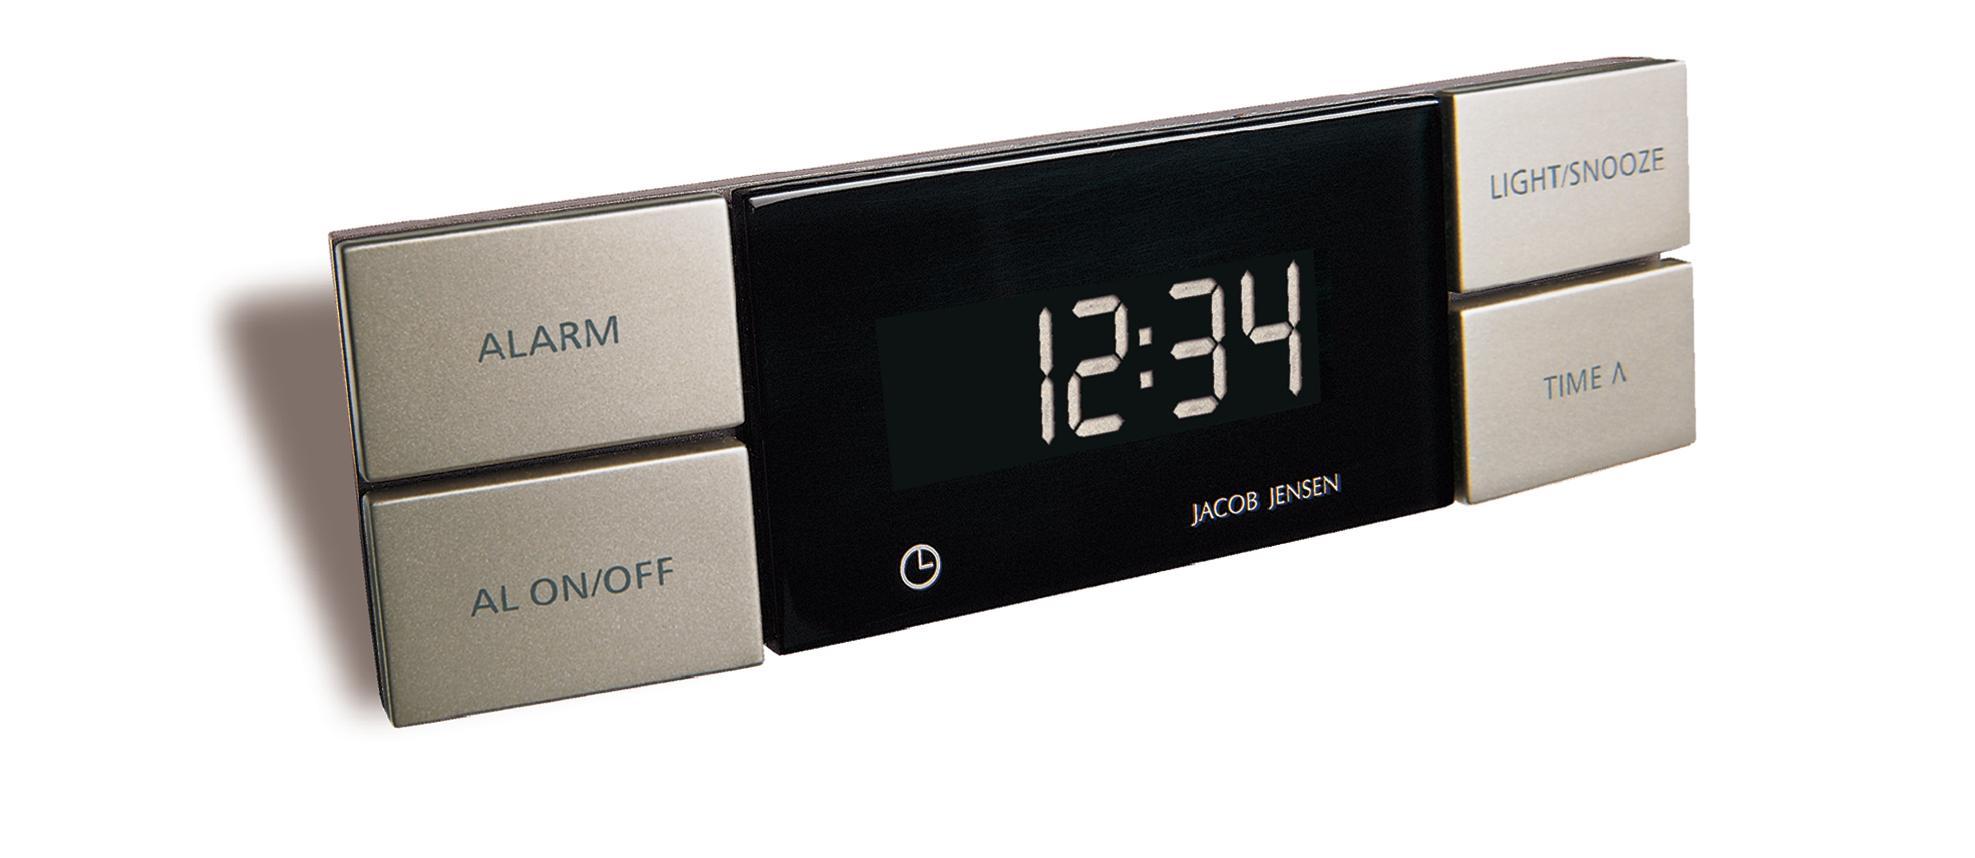 ساعت زنگ دار دیجیتال --- عکس با کیفیت و بزرگ از ساعت  زنگ دار دیجیتال